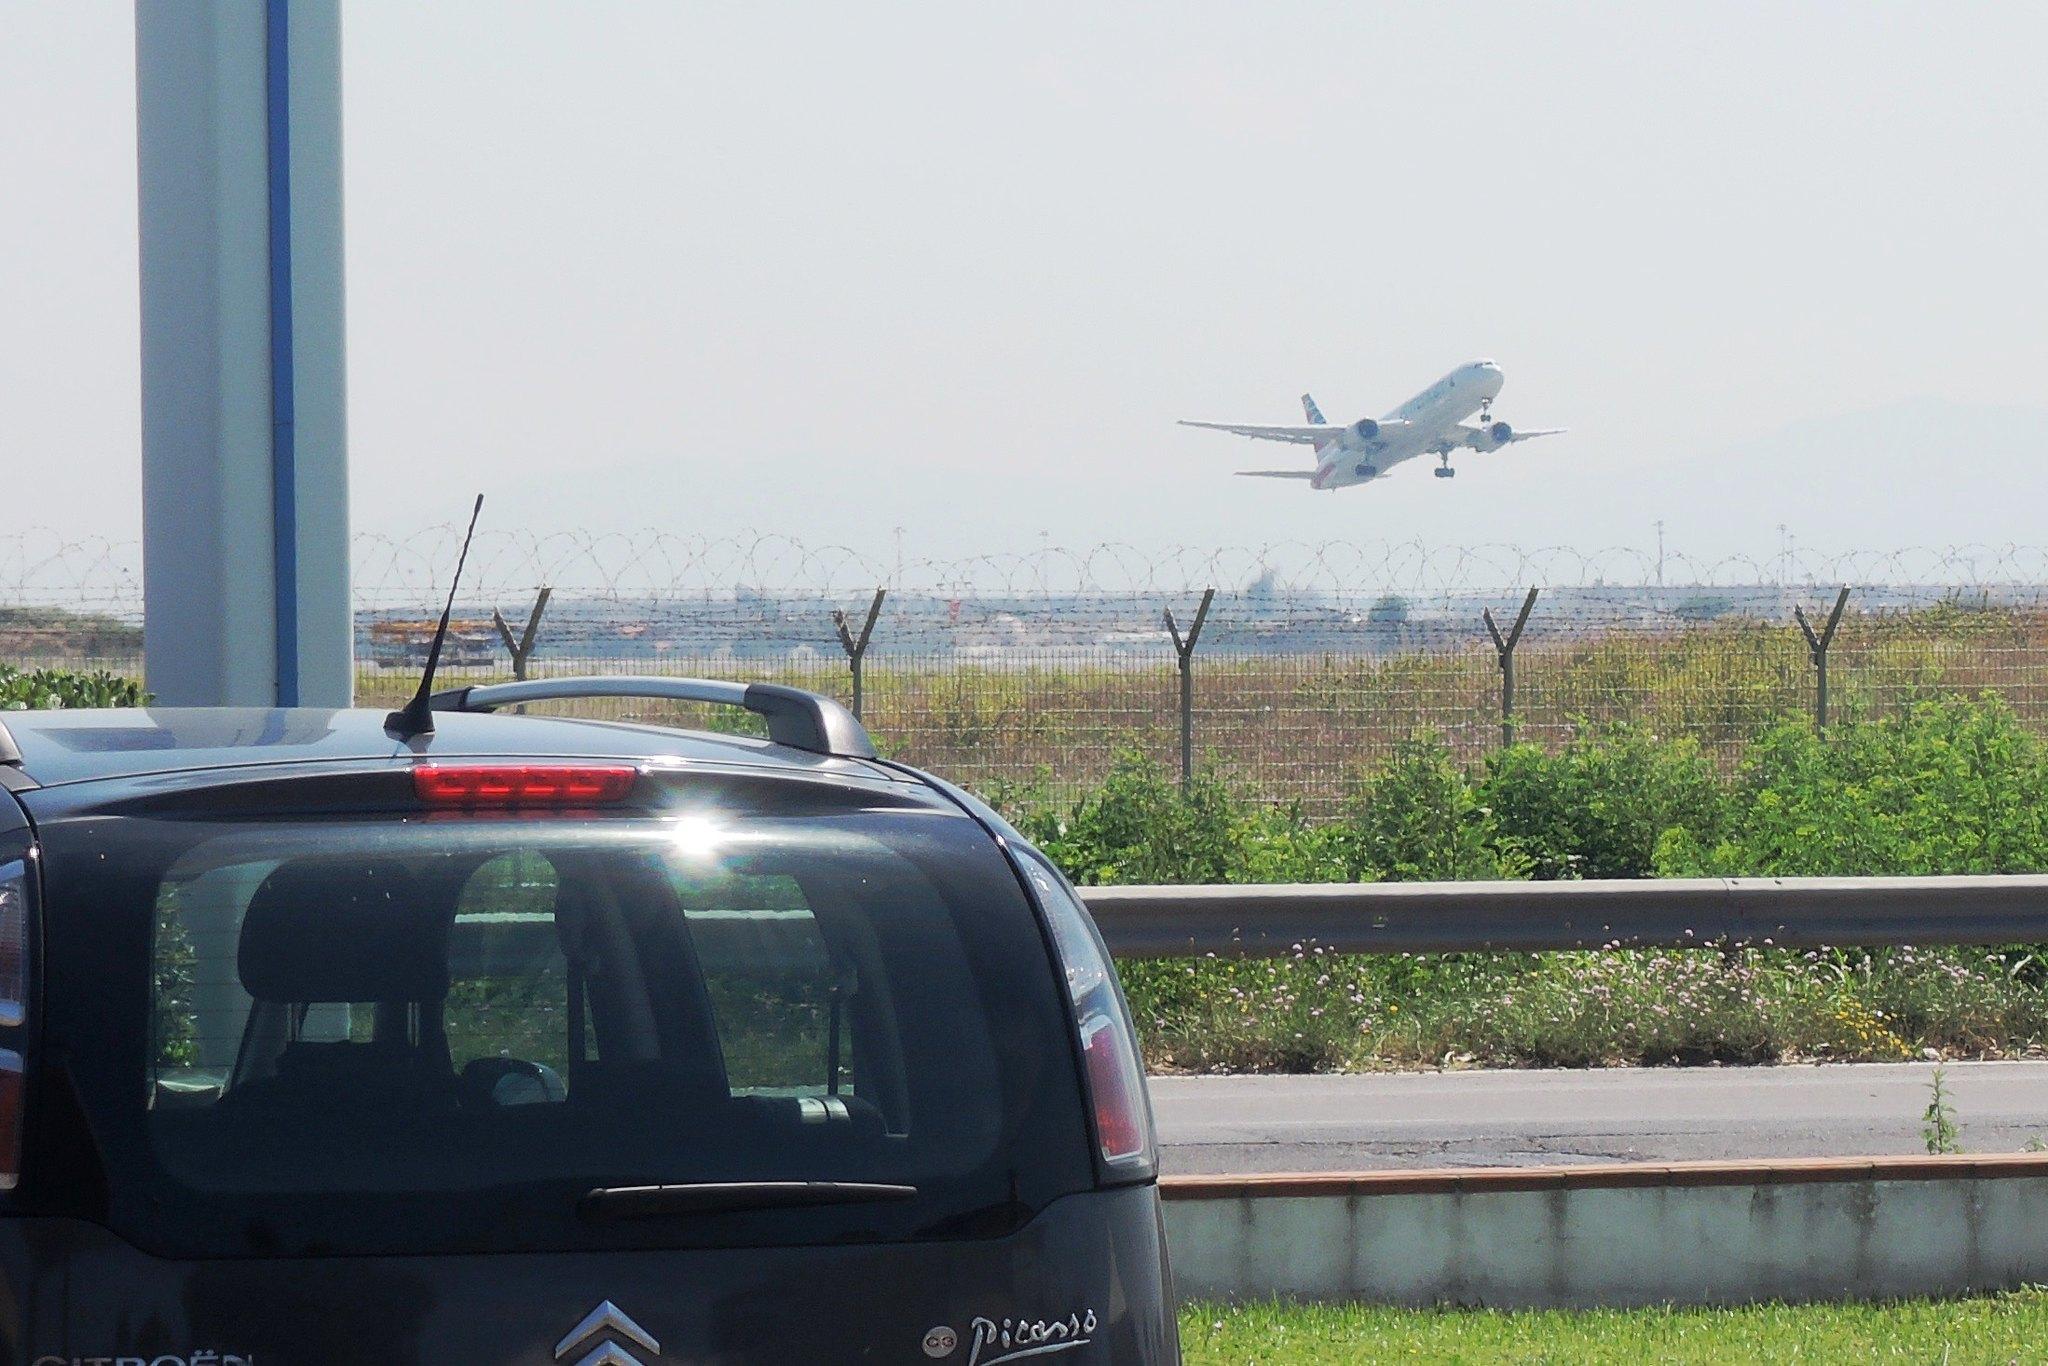 aeroporto fiumicino a roma prezzo parcheggio a lunga sosta